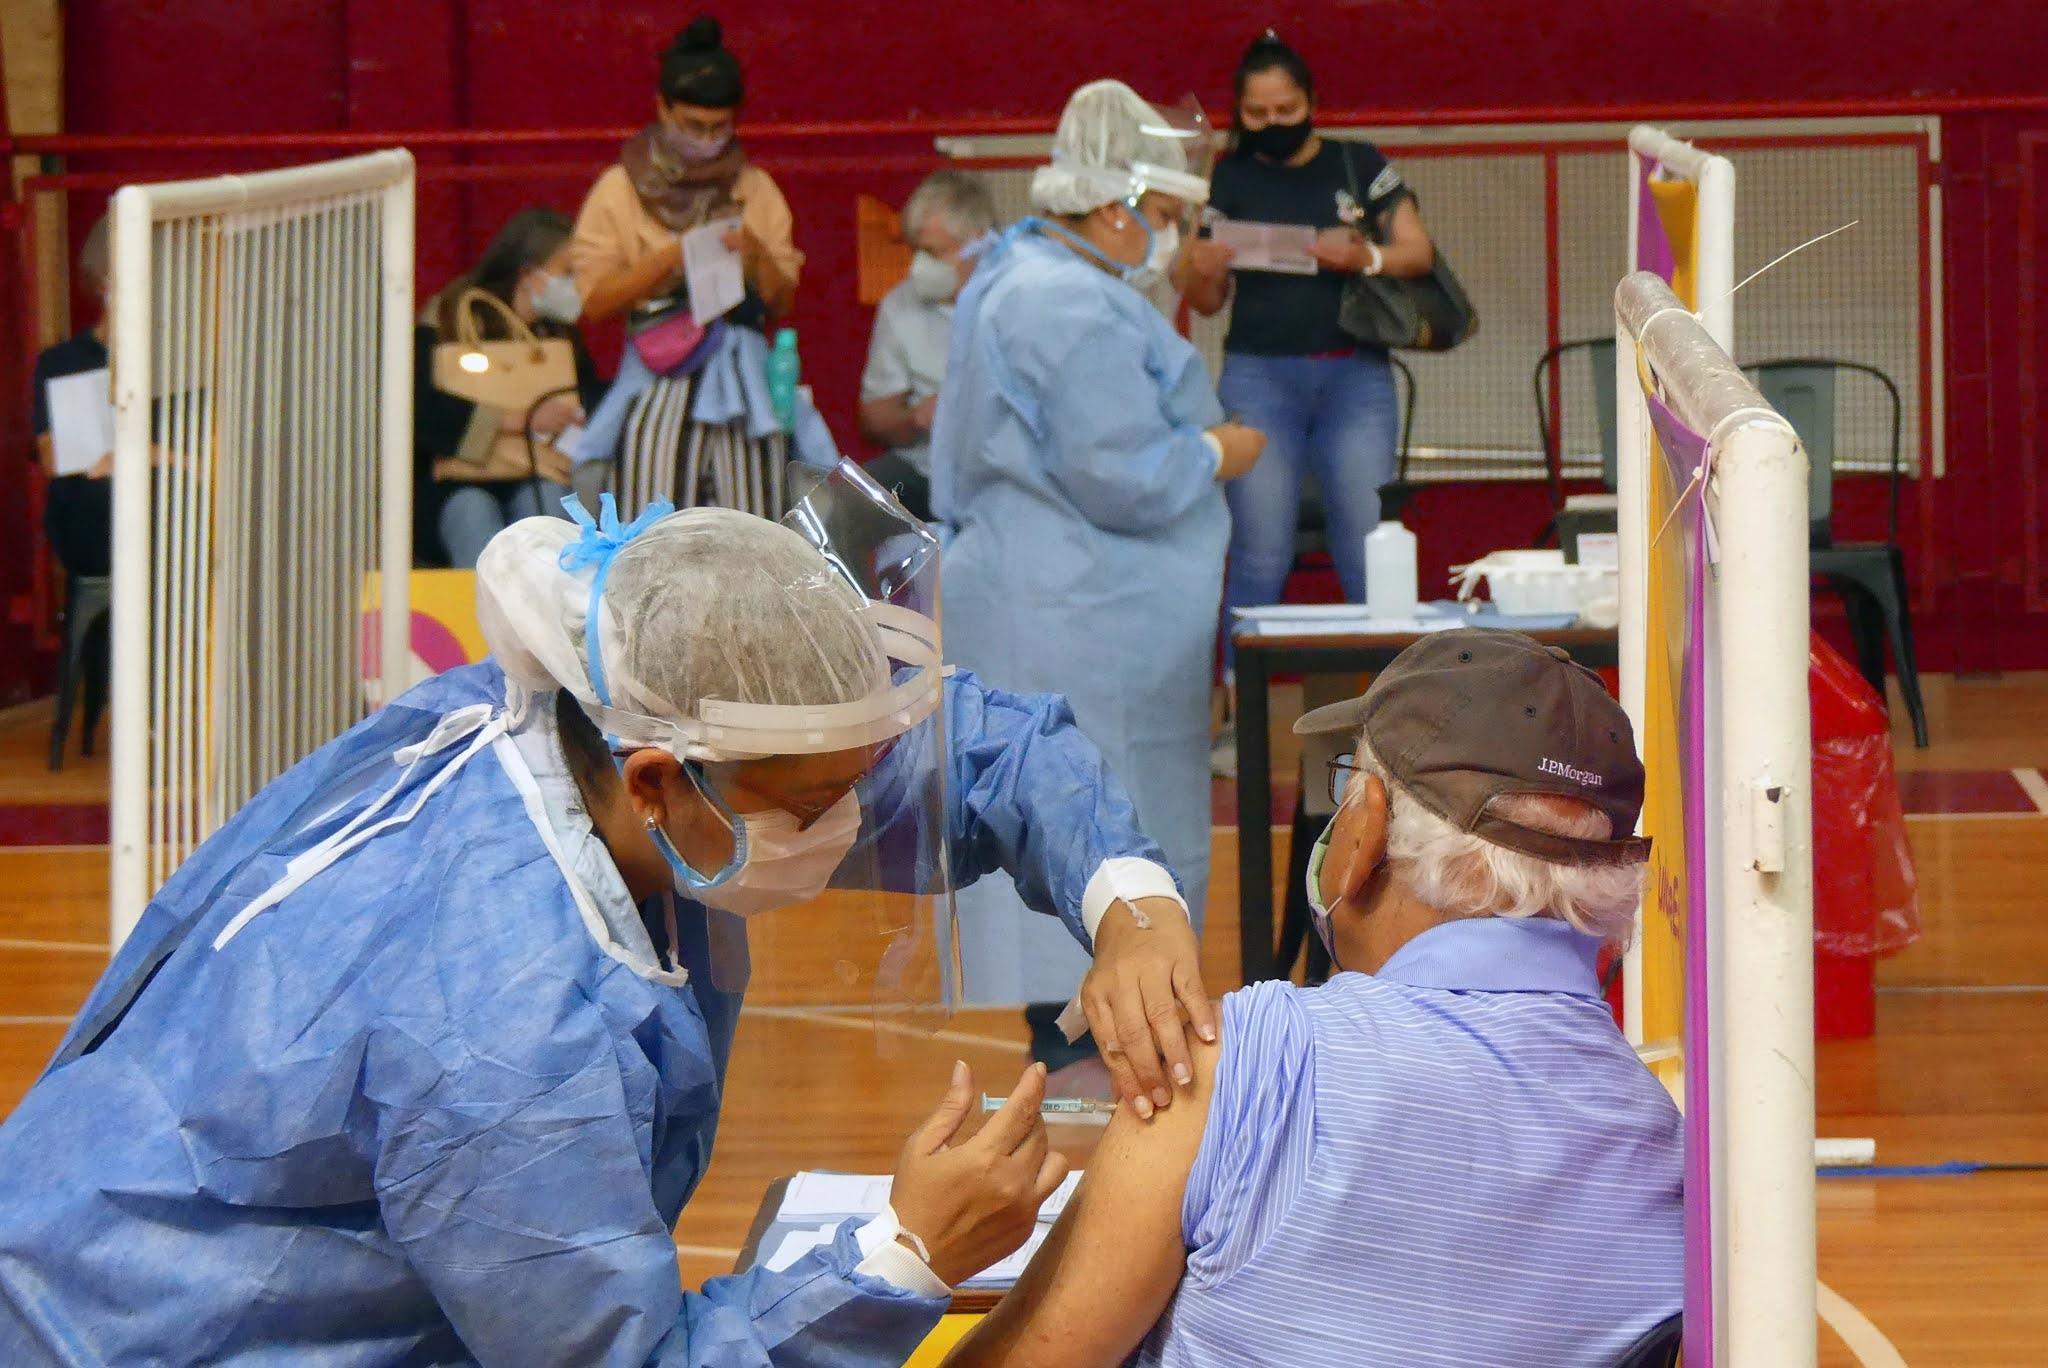 La próxima semana llega 1 millón dosis de Sinopharm y Argentina queda cerca de los 10 millones vacunas